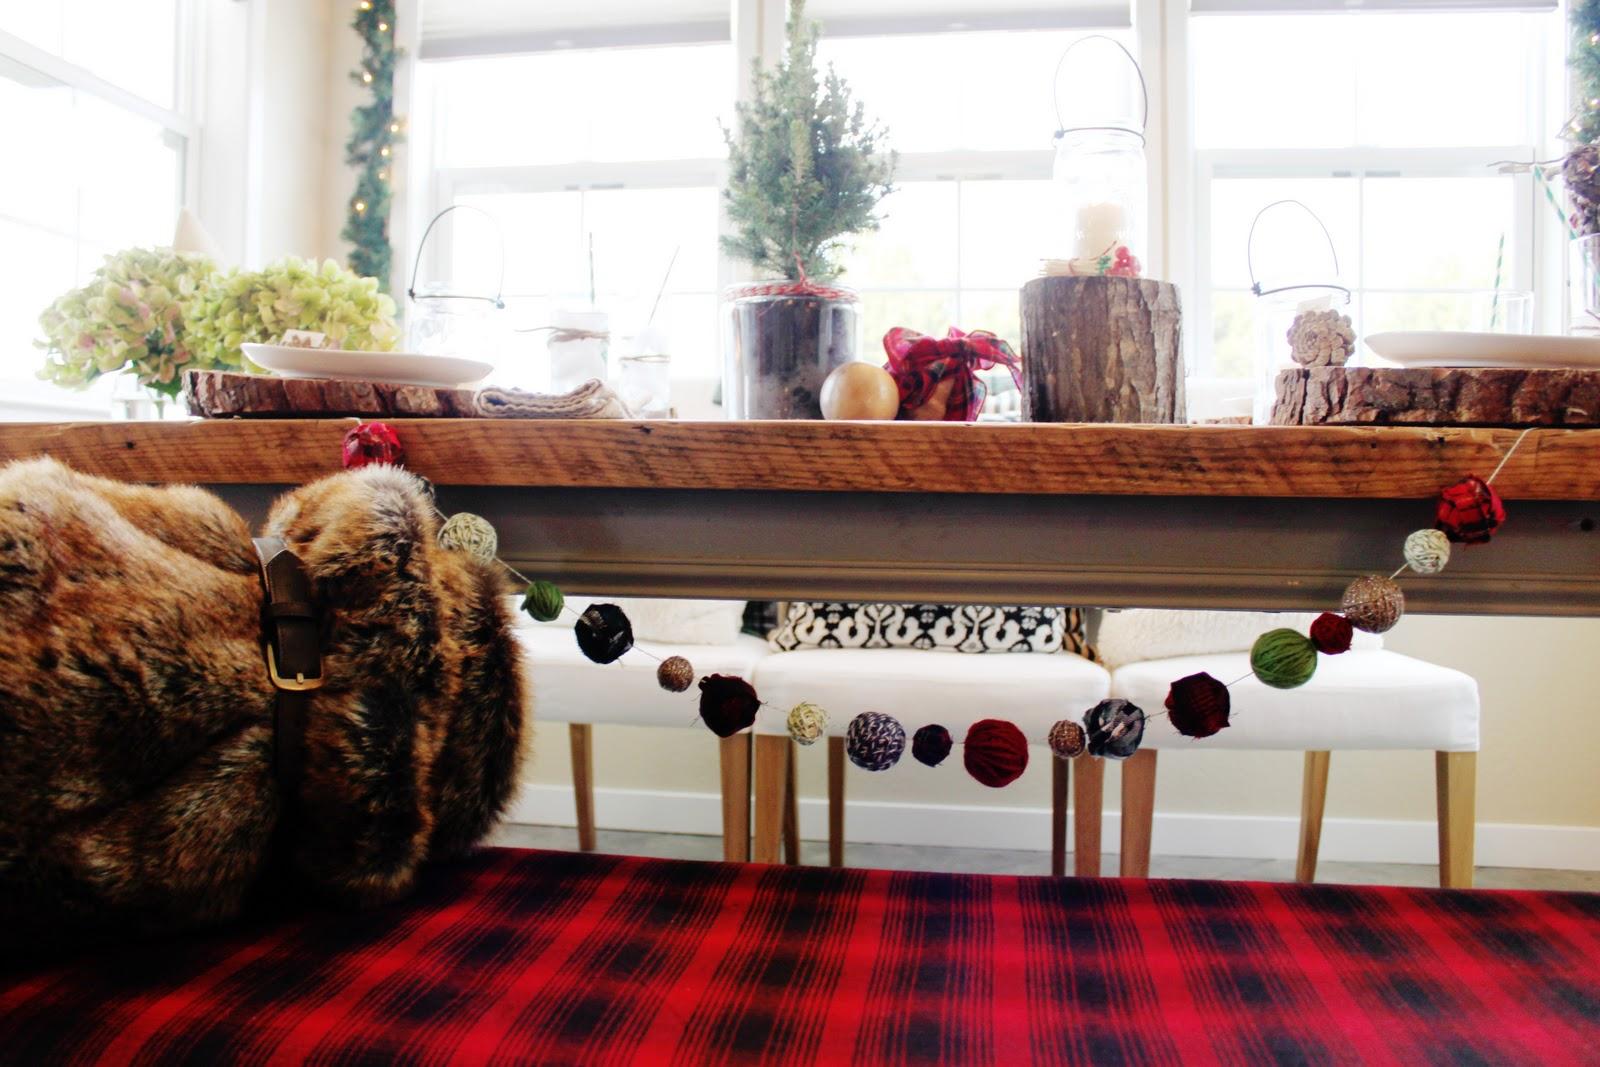 http://2.bp.blogspot.com/-HcU1CfsK4KQ/TtXPsps_yOI/AAAAAAAACts/MlsMRN4sdro/s1600/Christmas+table+2011+018.jpg